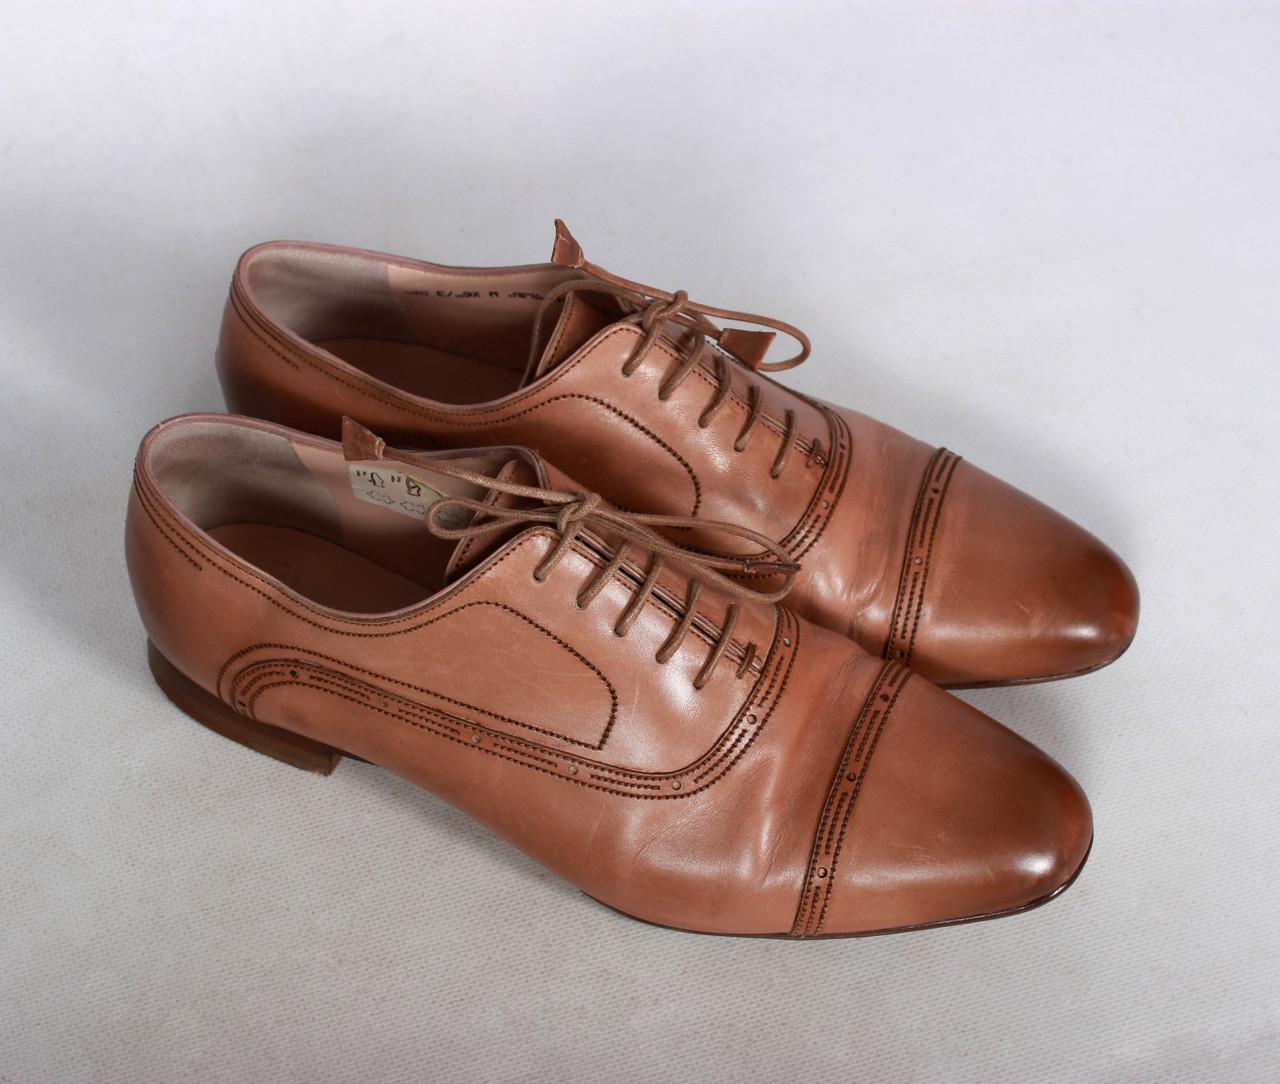 Купить туфли Bally в комиссионном магазине Киев